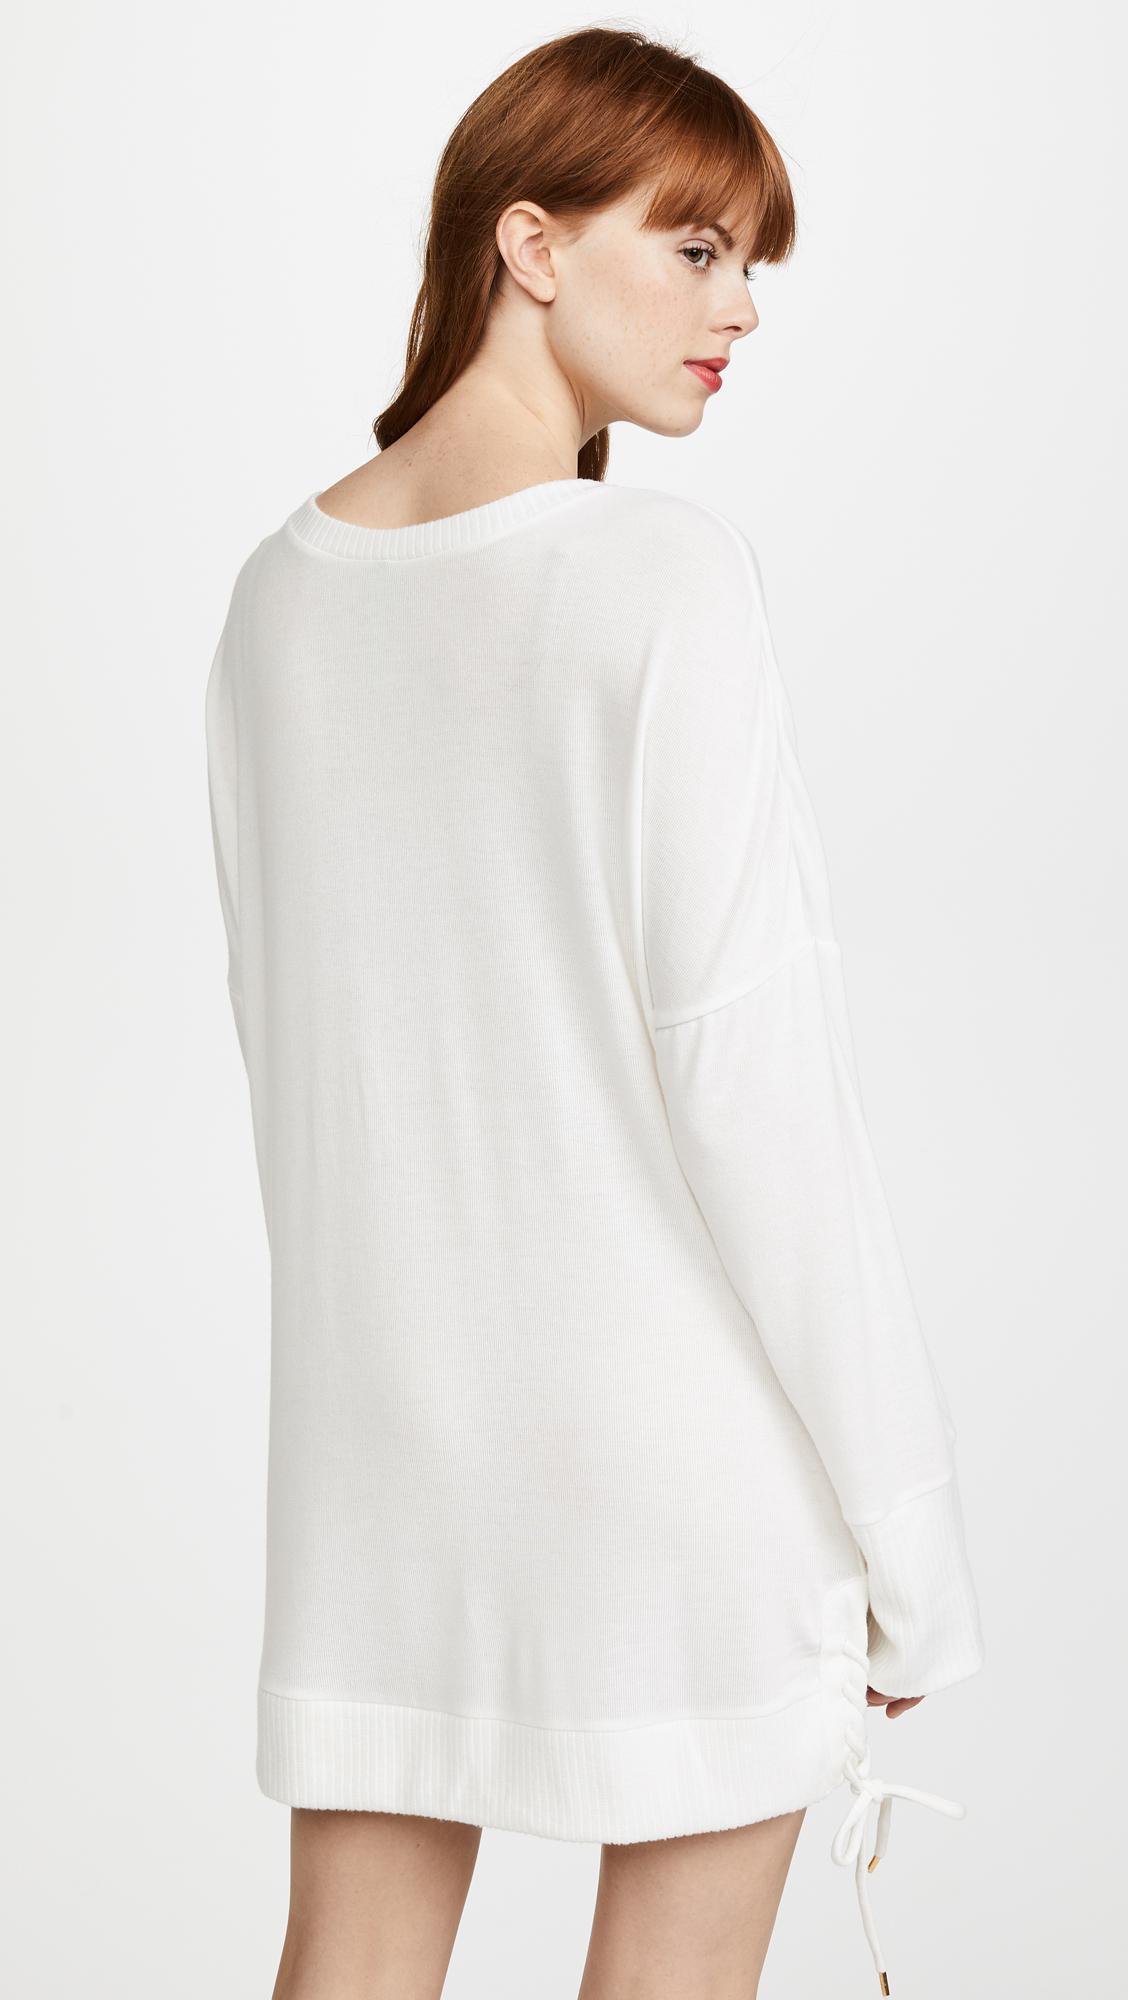 0b9647c116ff Honeydew Intimates Sleep Queen Tie Up Dress in White - Lyst